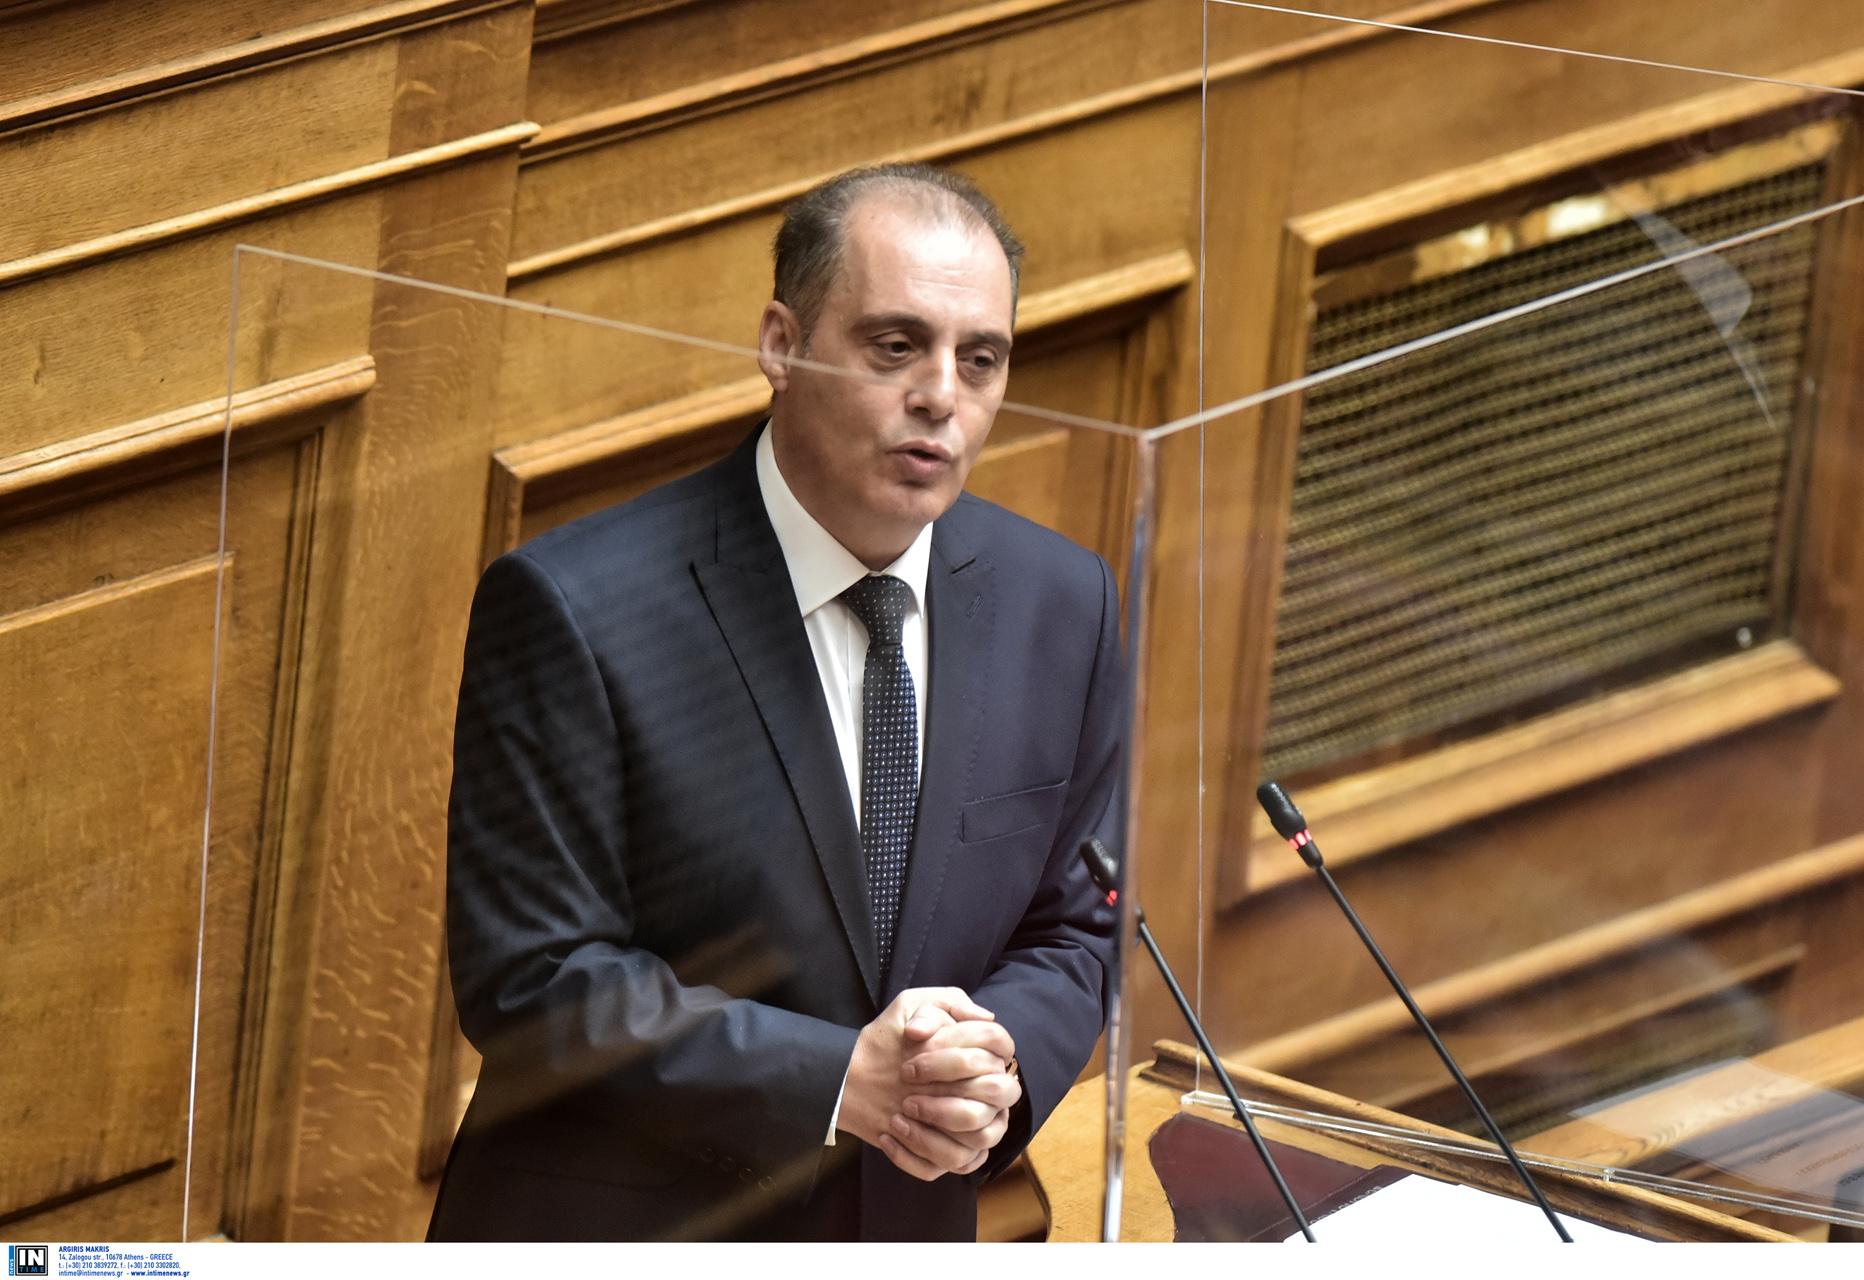 Κυριάκος Βελόπουλος: Καταθέσεις σε Γερμανία και Βέλγιο ξεχωρίζουν στο πόθεν έσχες του